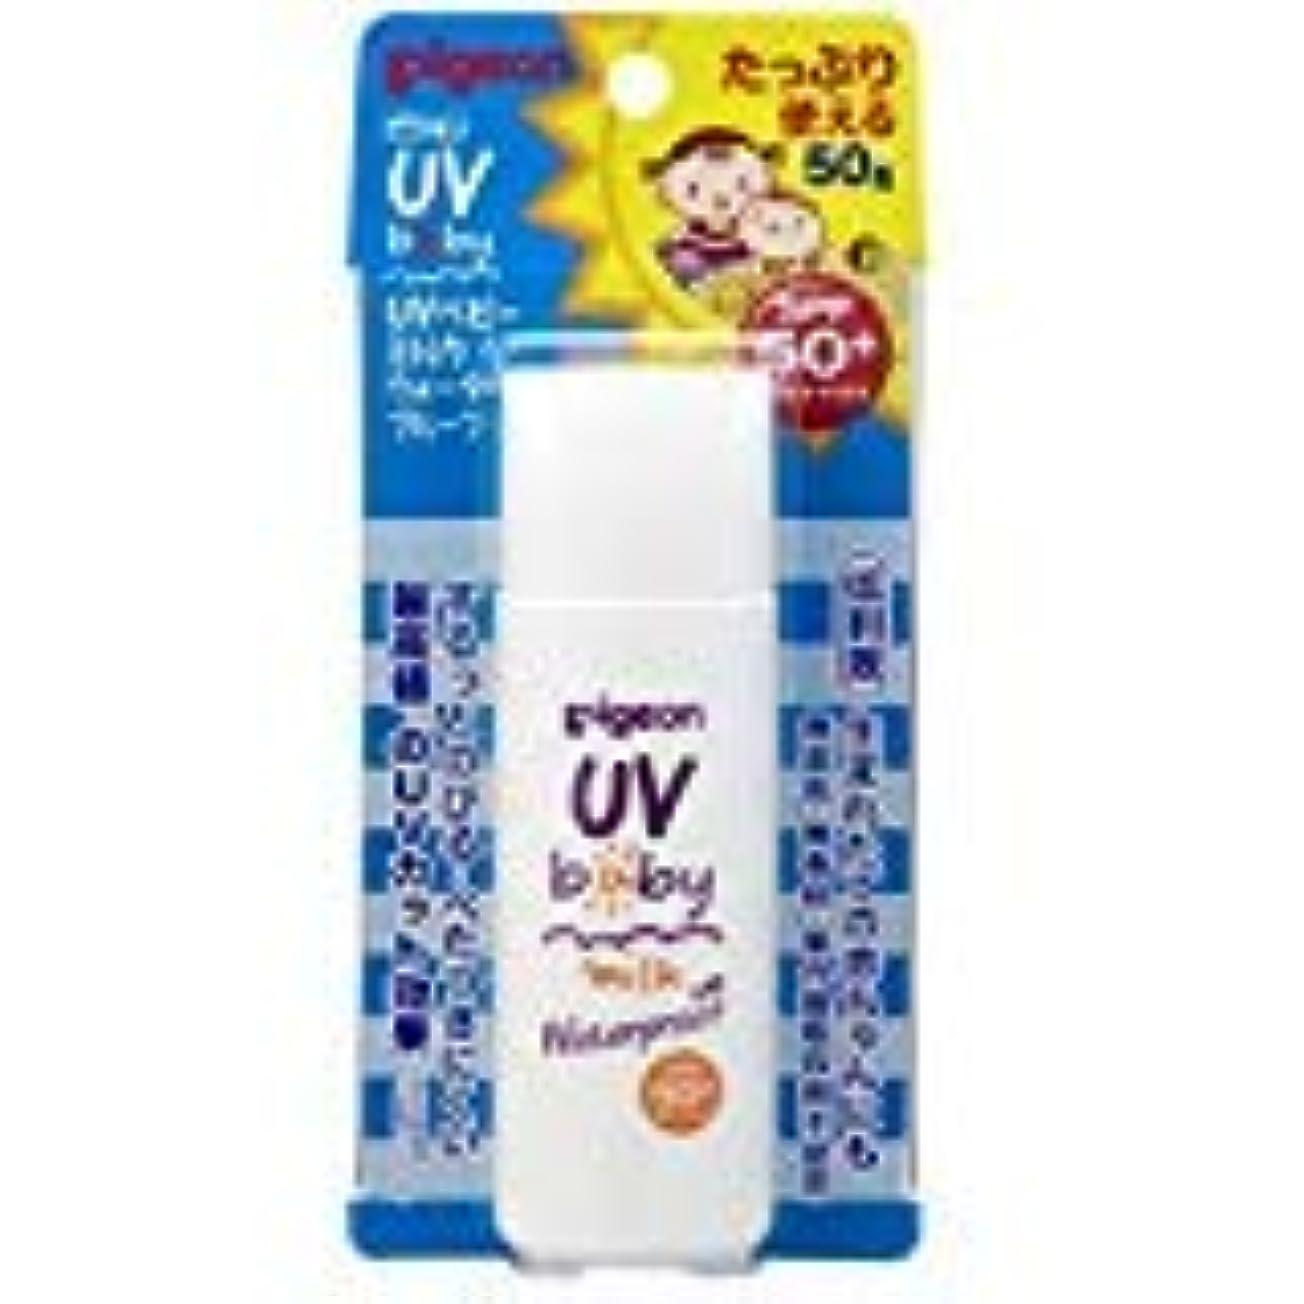 簡単に国籍解任ピジョン UVベビーミルク ウォータープルーフ SPF50+ 50g